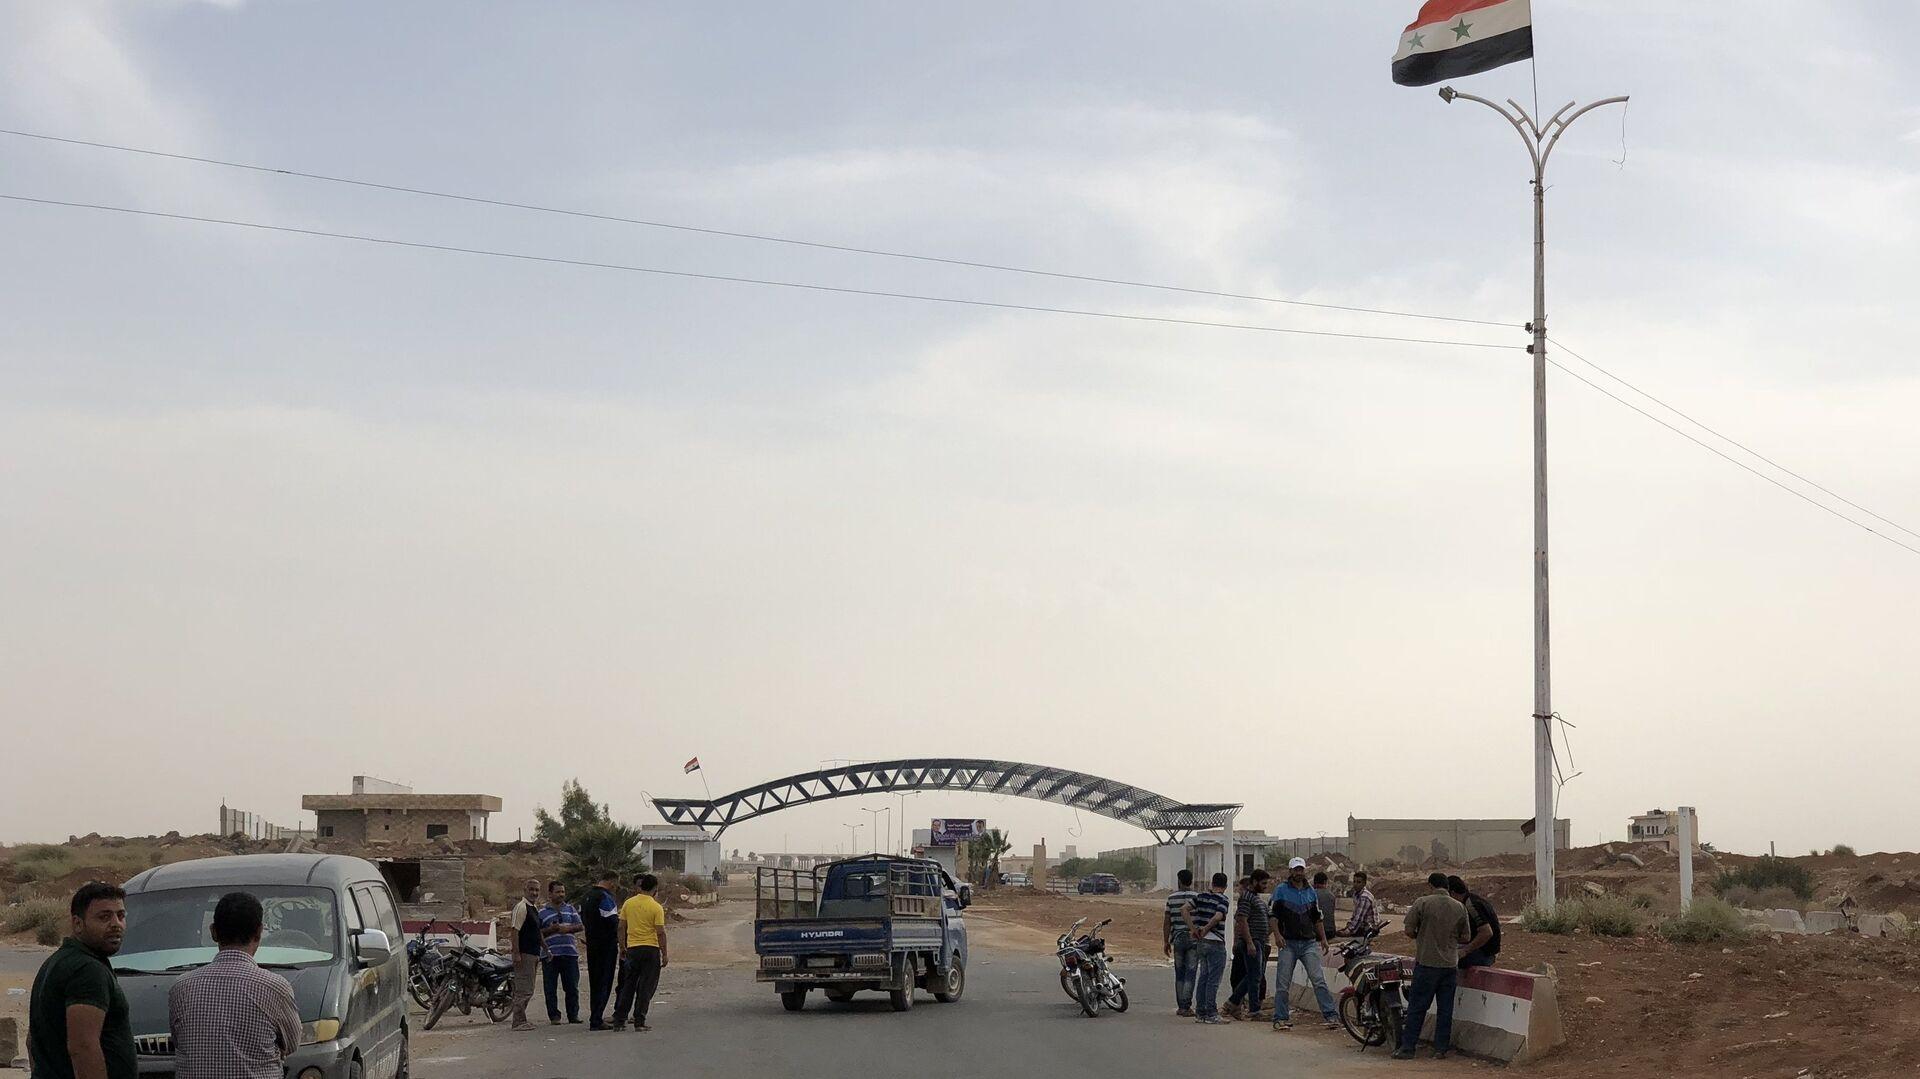 Пограничный переход Насиб на сирийско-иорданской границе - РИА Новости, 1920, 30.07.2021